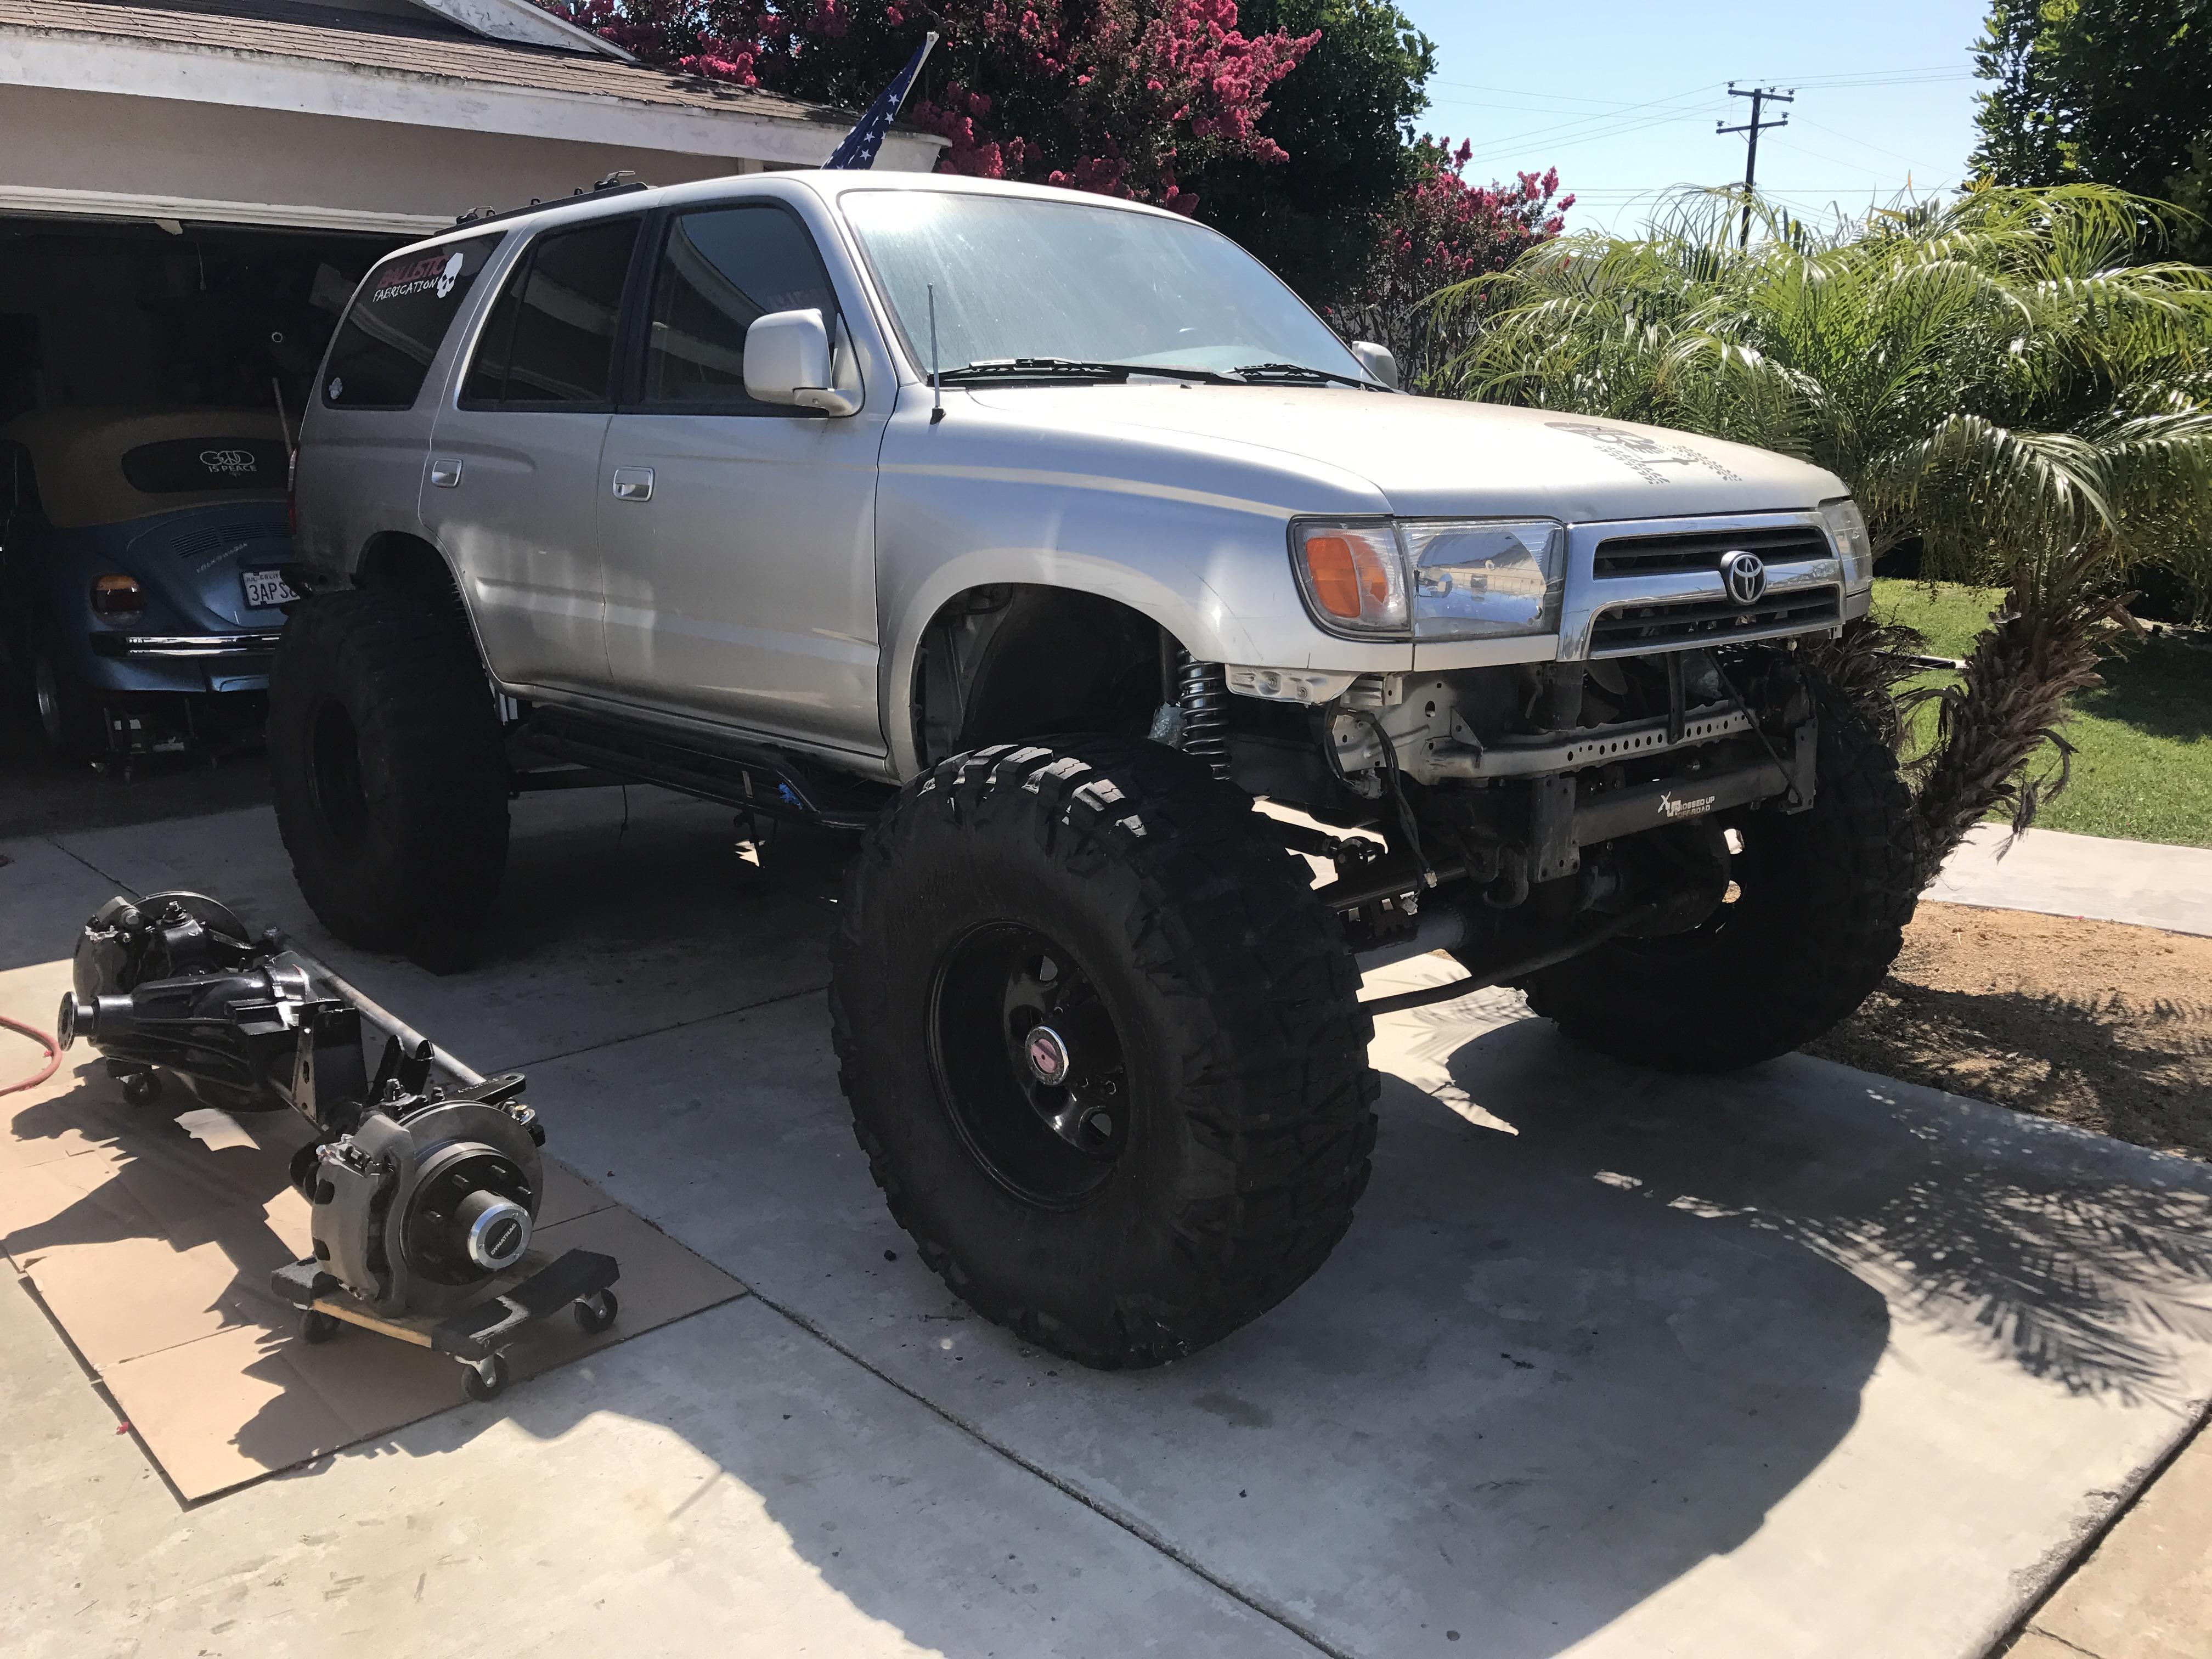 1999 4runner Solid Axle Swap Part 1